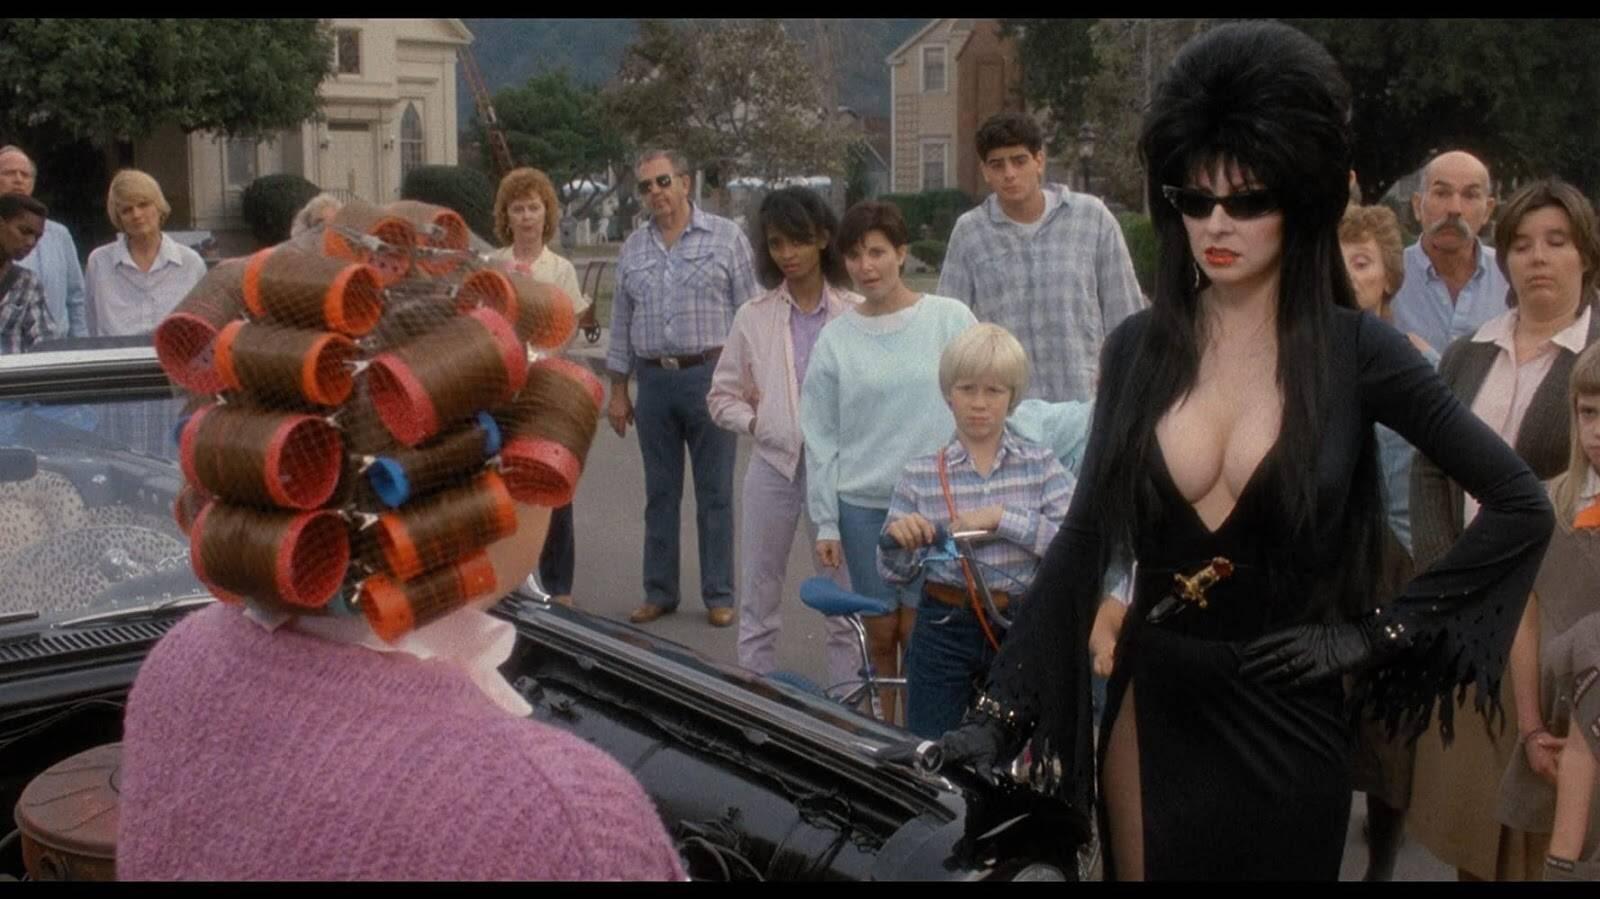 Em filme de horror cômico de 1988, Elvira chega a uma cidade conservadora de vestido preto, mega decote e maquiagem carregada. Foto: Reprodução